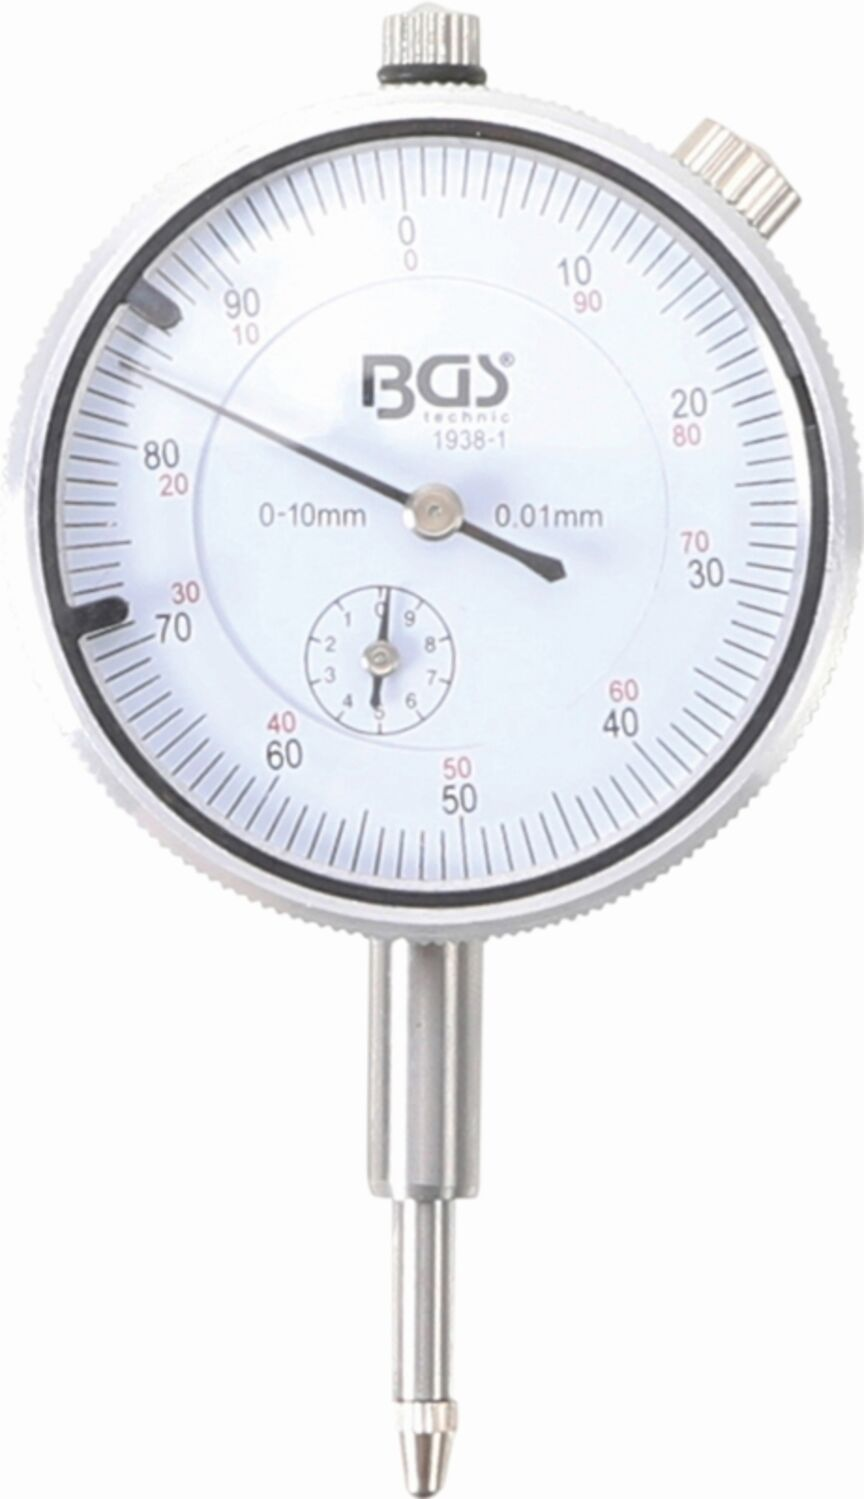 Magnet Messstativ Mit Messuhr Messwerkzeug Messuhrhalter Metrisch 0-10mm DE